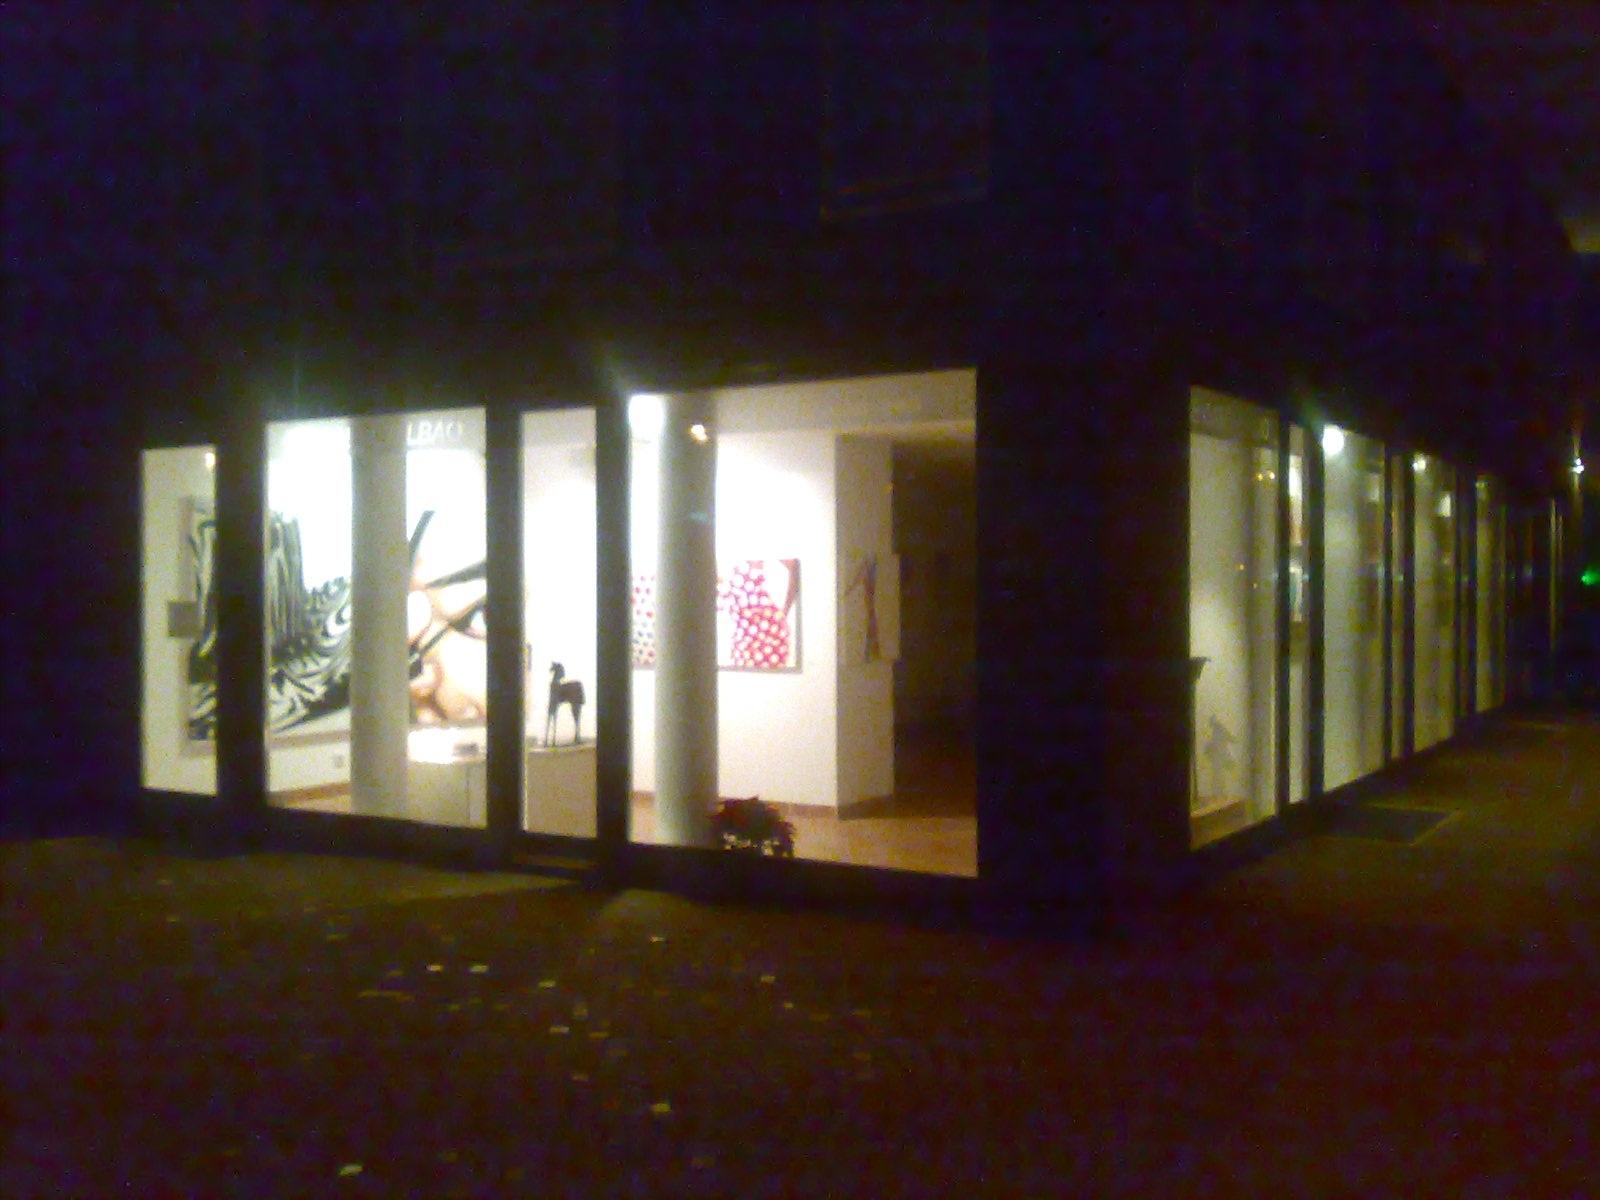 Berlin 2007 Isabel Bilbao Gallery